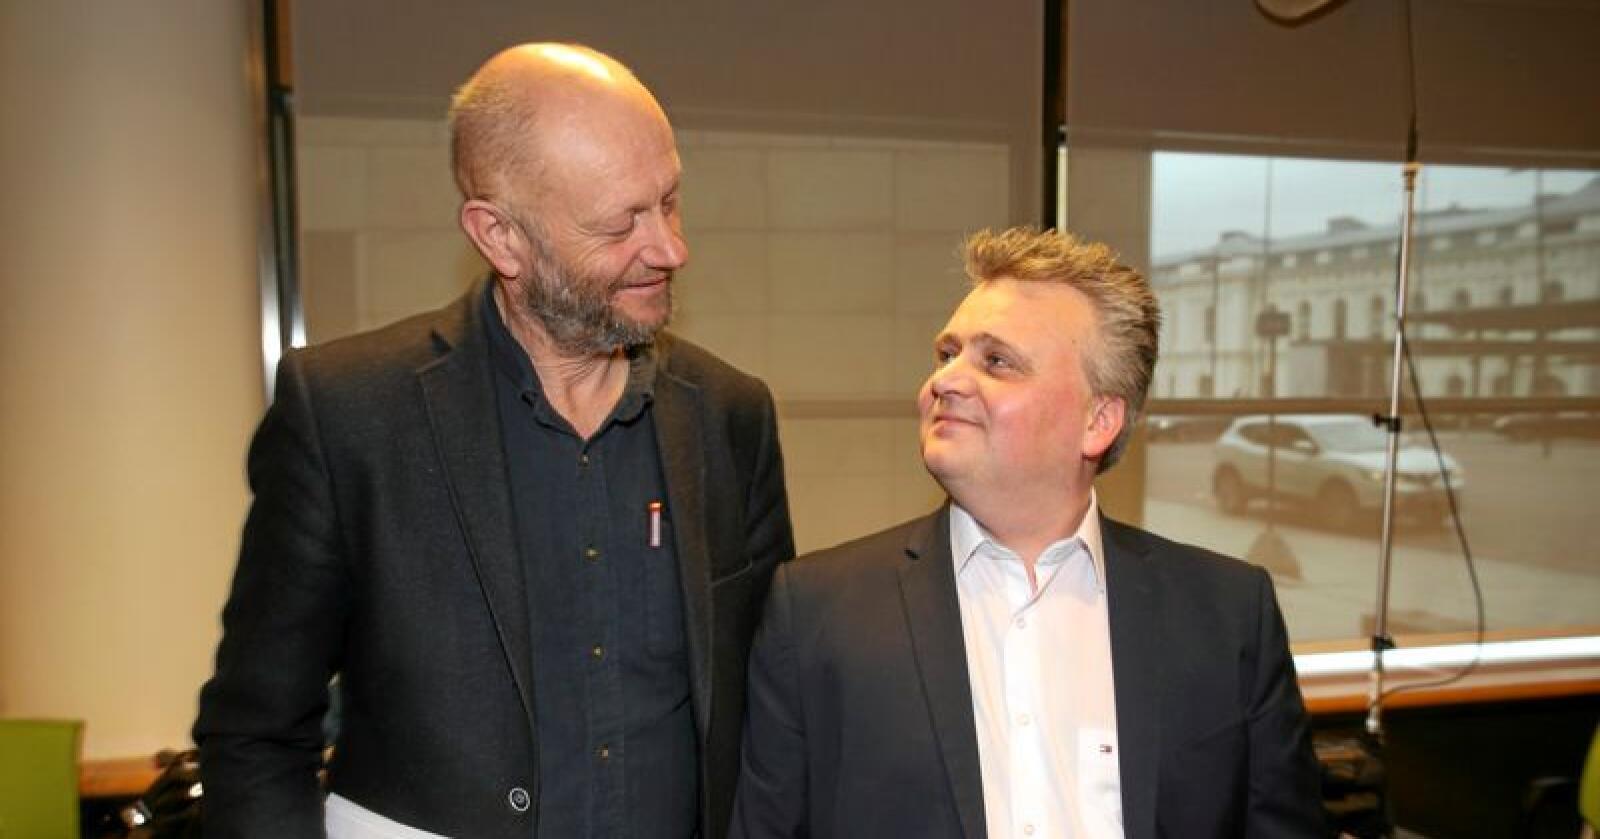 Sammen for EØS: Rekker forbundsleder Jørn Eggum direktør Stein Lier-Hansen til skuldrene når det gjelder strategisk arbeid for medlemmenes interesser? Foto: Vidar Ruud, NTB/scanpix